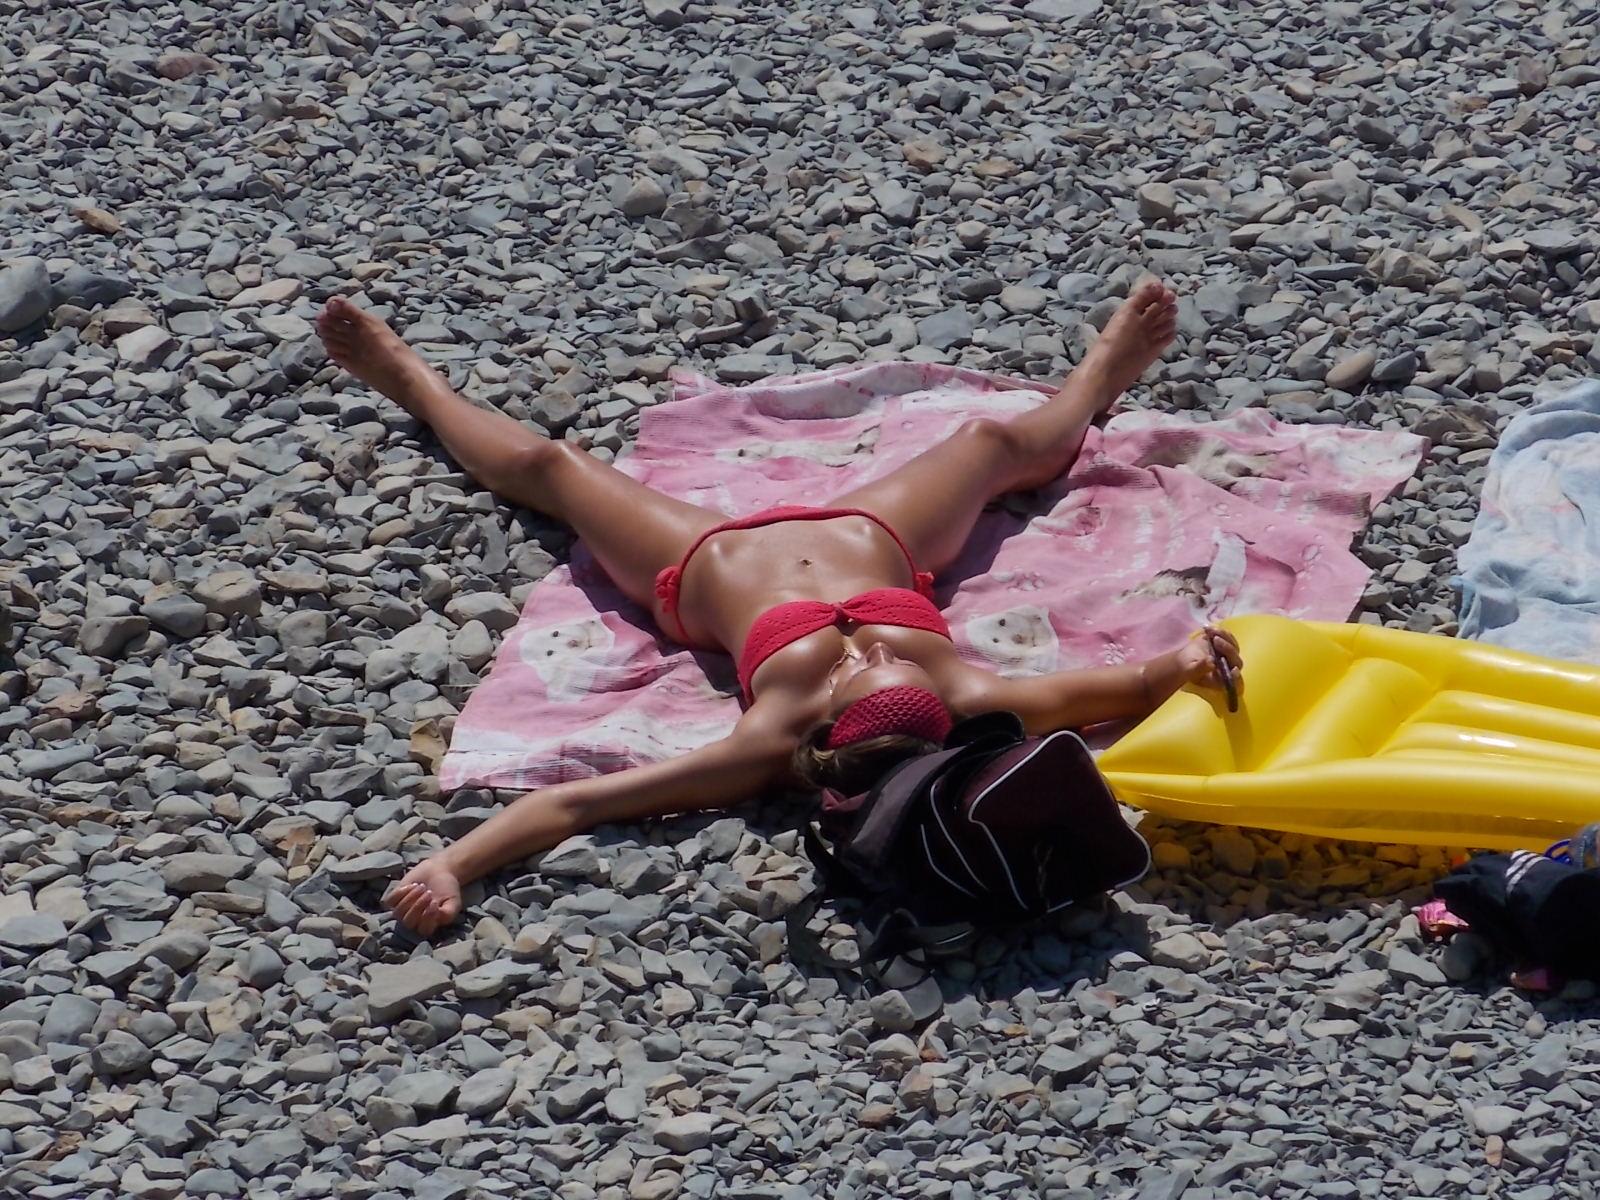 Дикий пляж фото отдыхающих в контакте